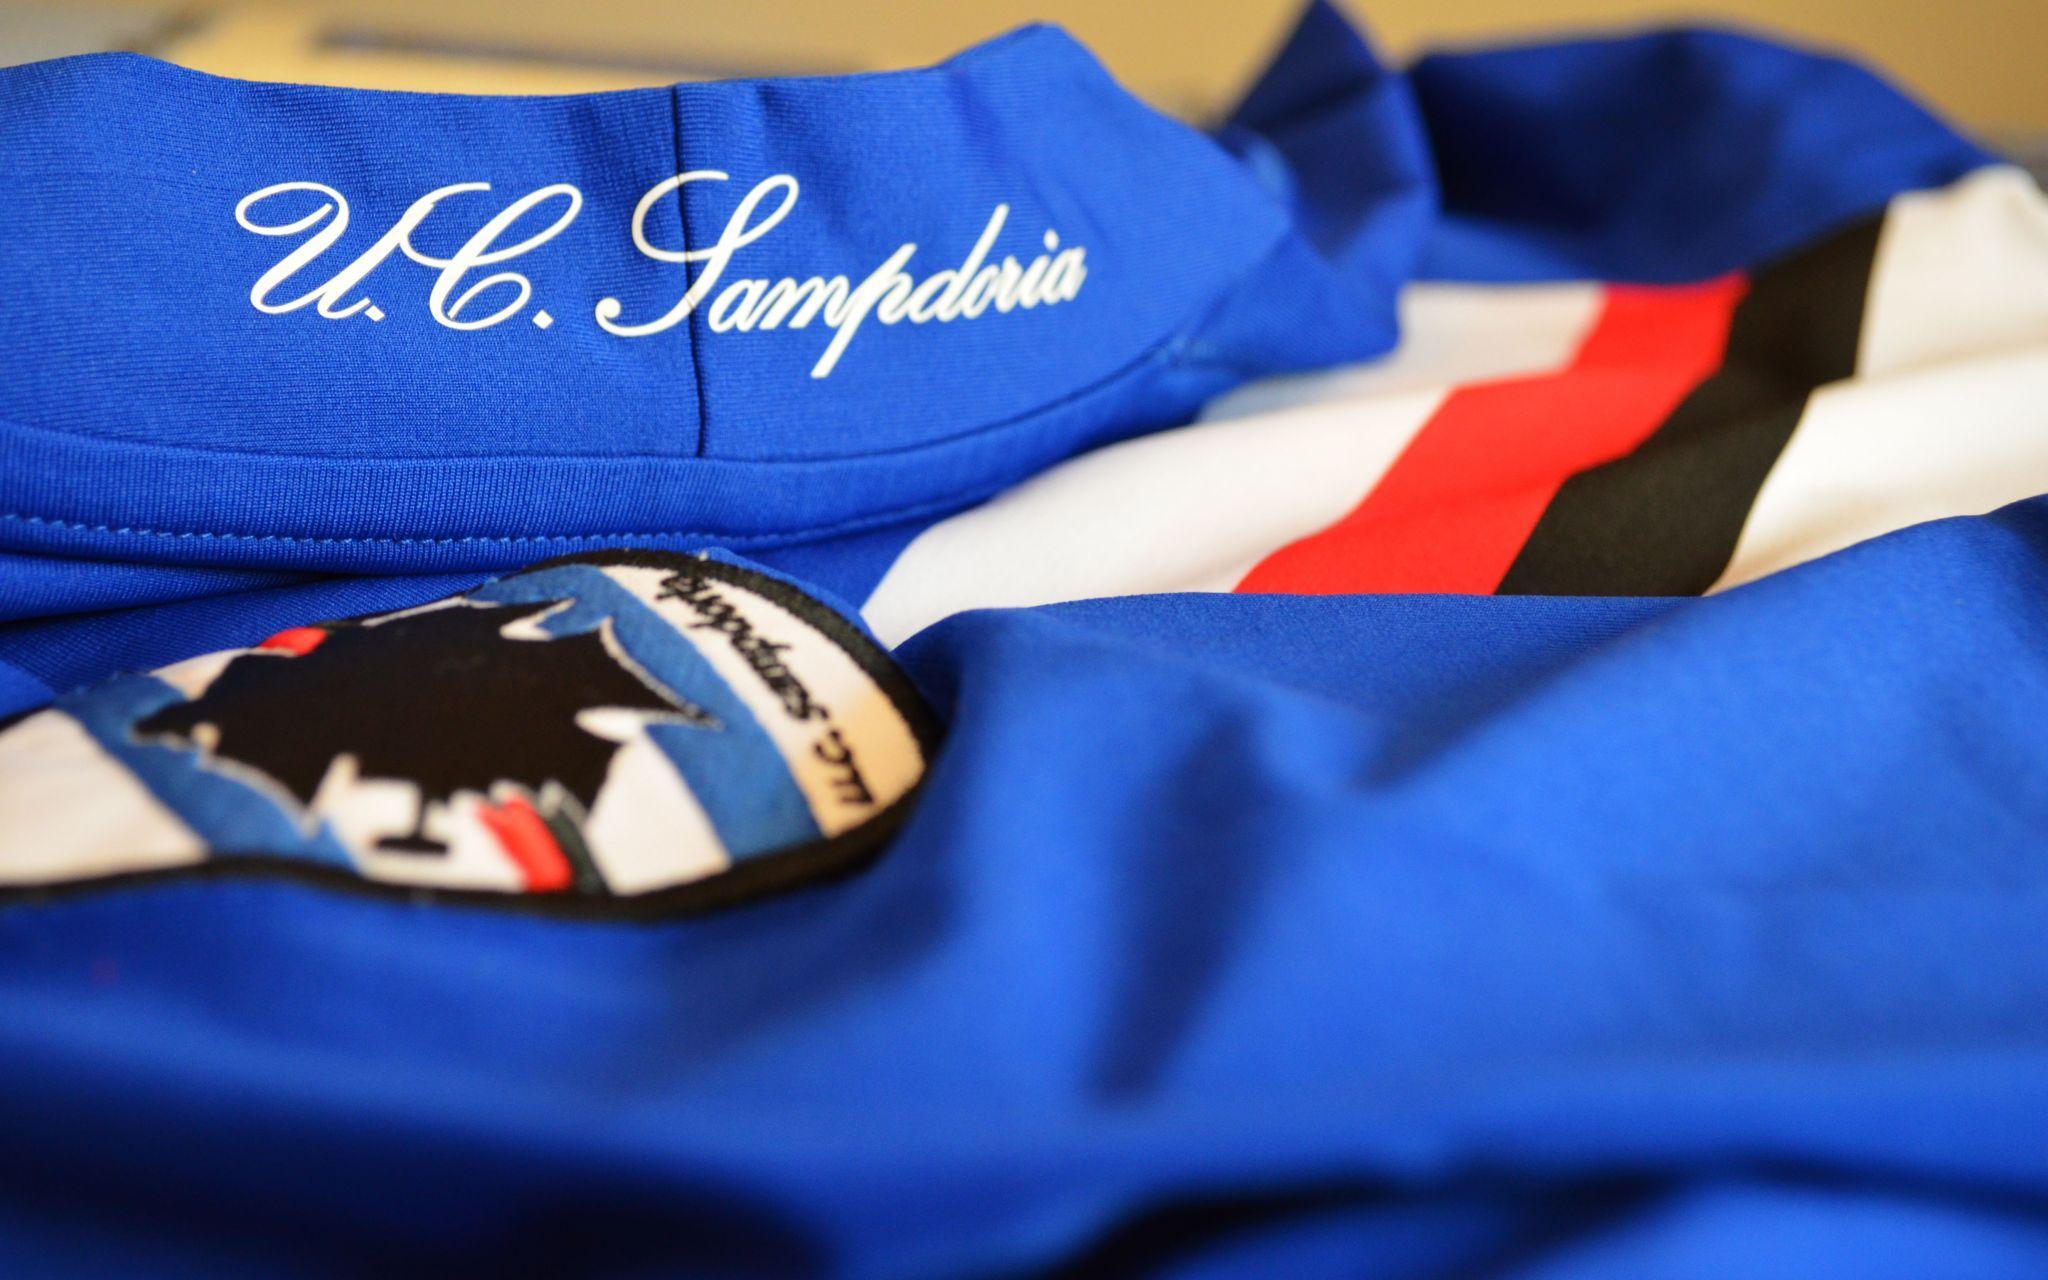 Seconda Maglia Sampdoria vesti